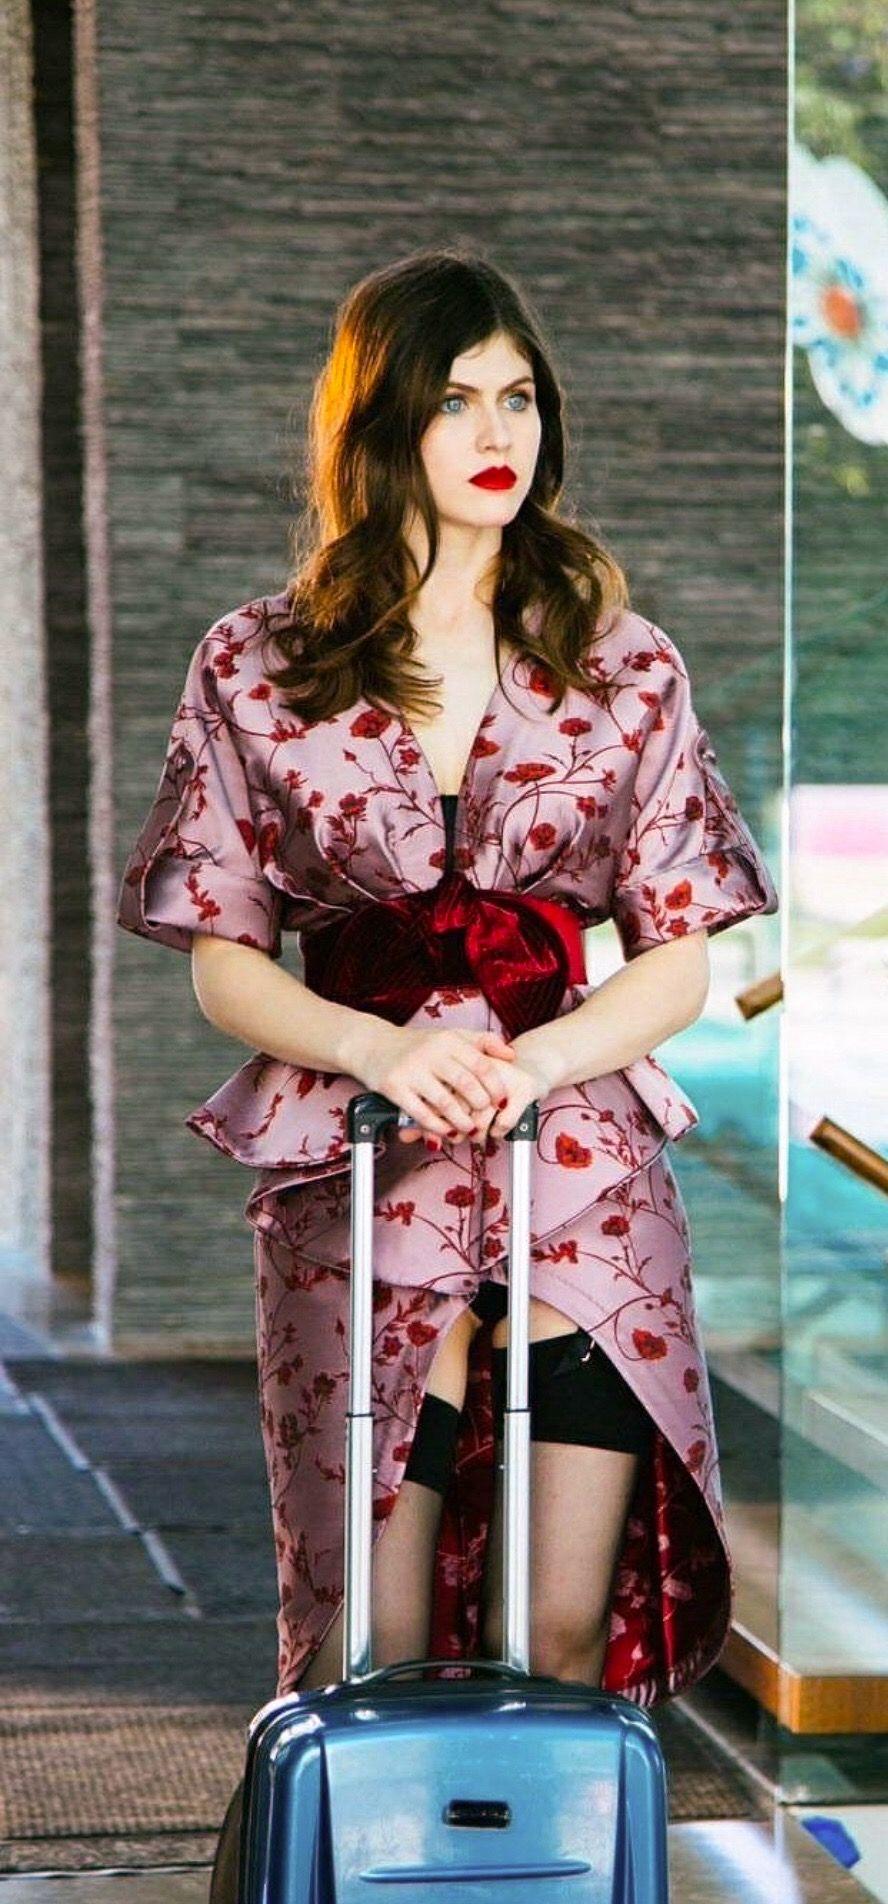 Alexandra Daddario Photography Photoshoot Alexandra Daddario